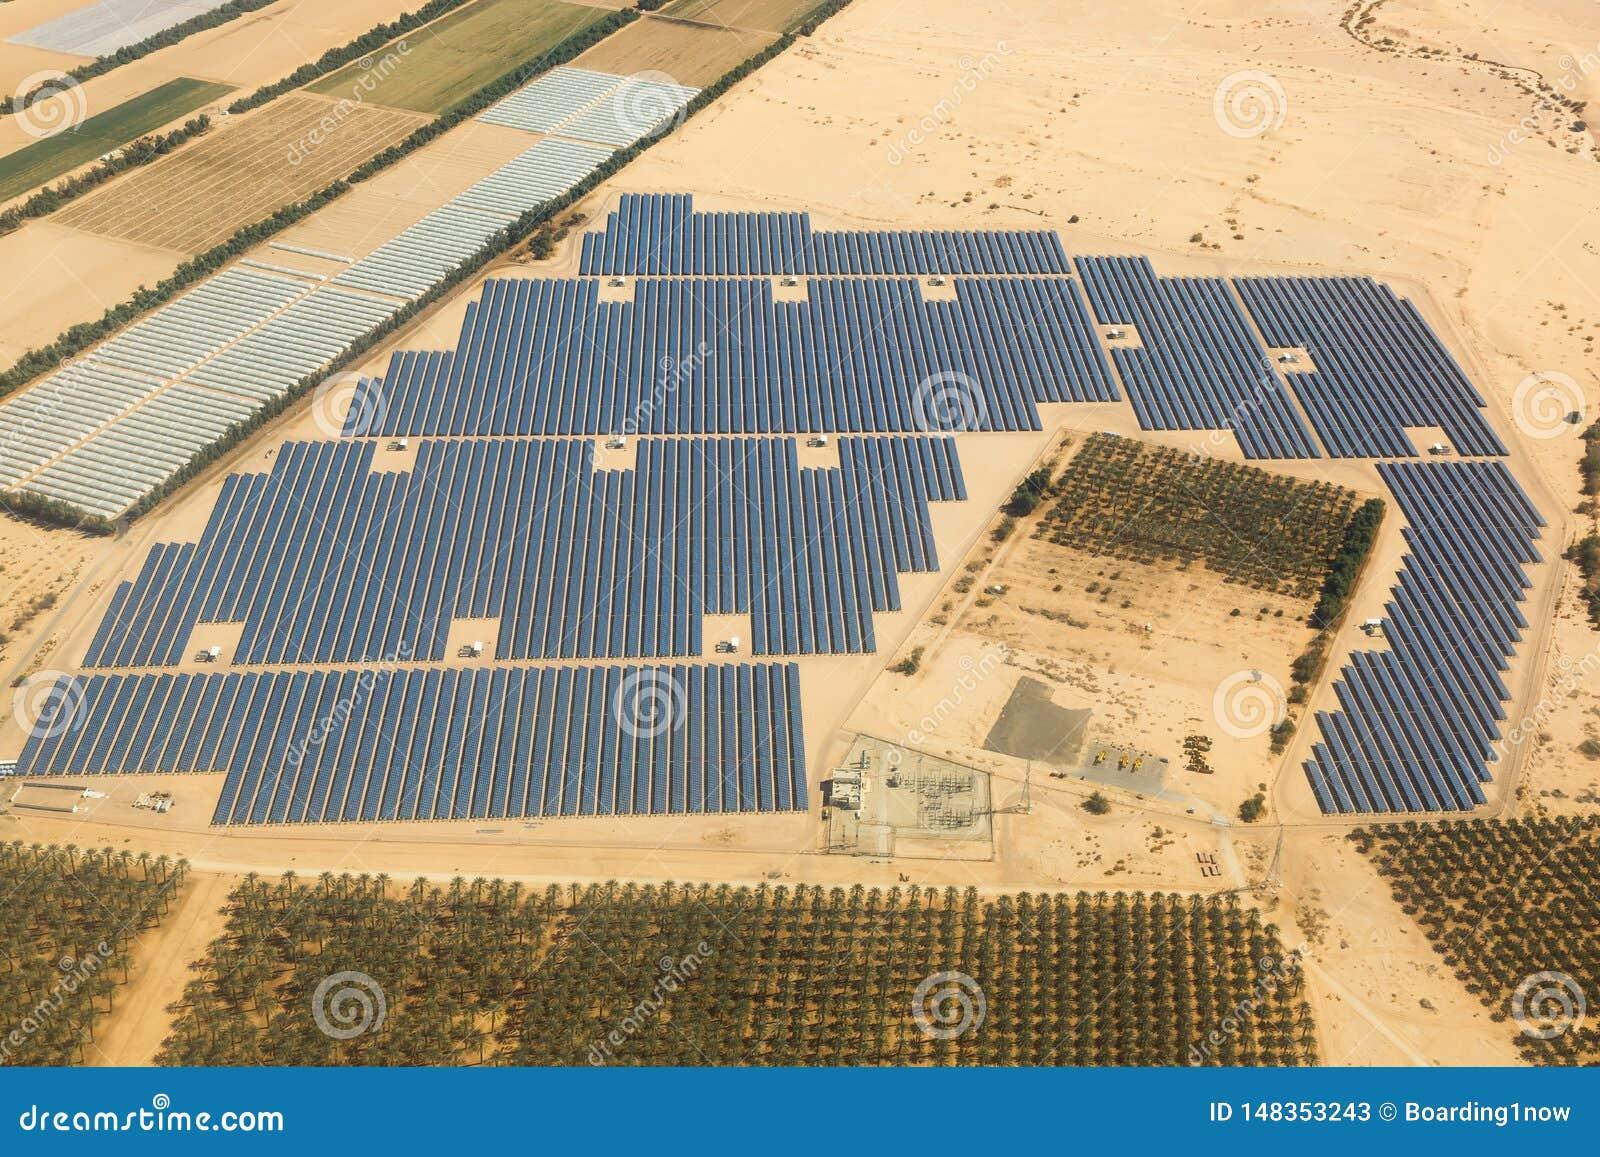 Solar Panels Farm Energy Panel Israel Desert From Above ...